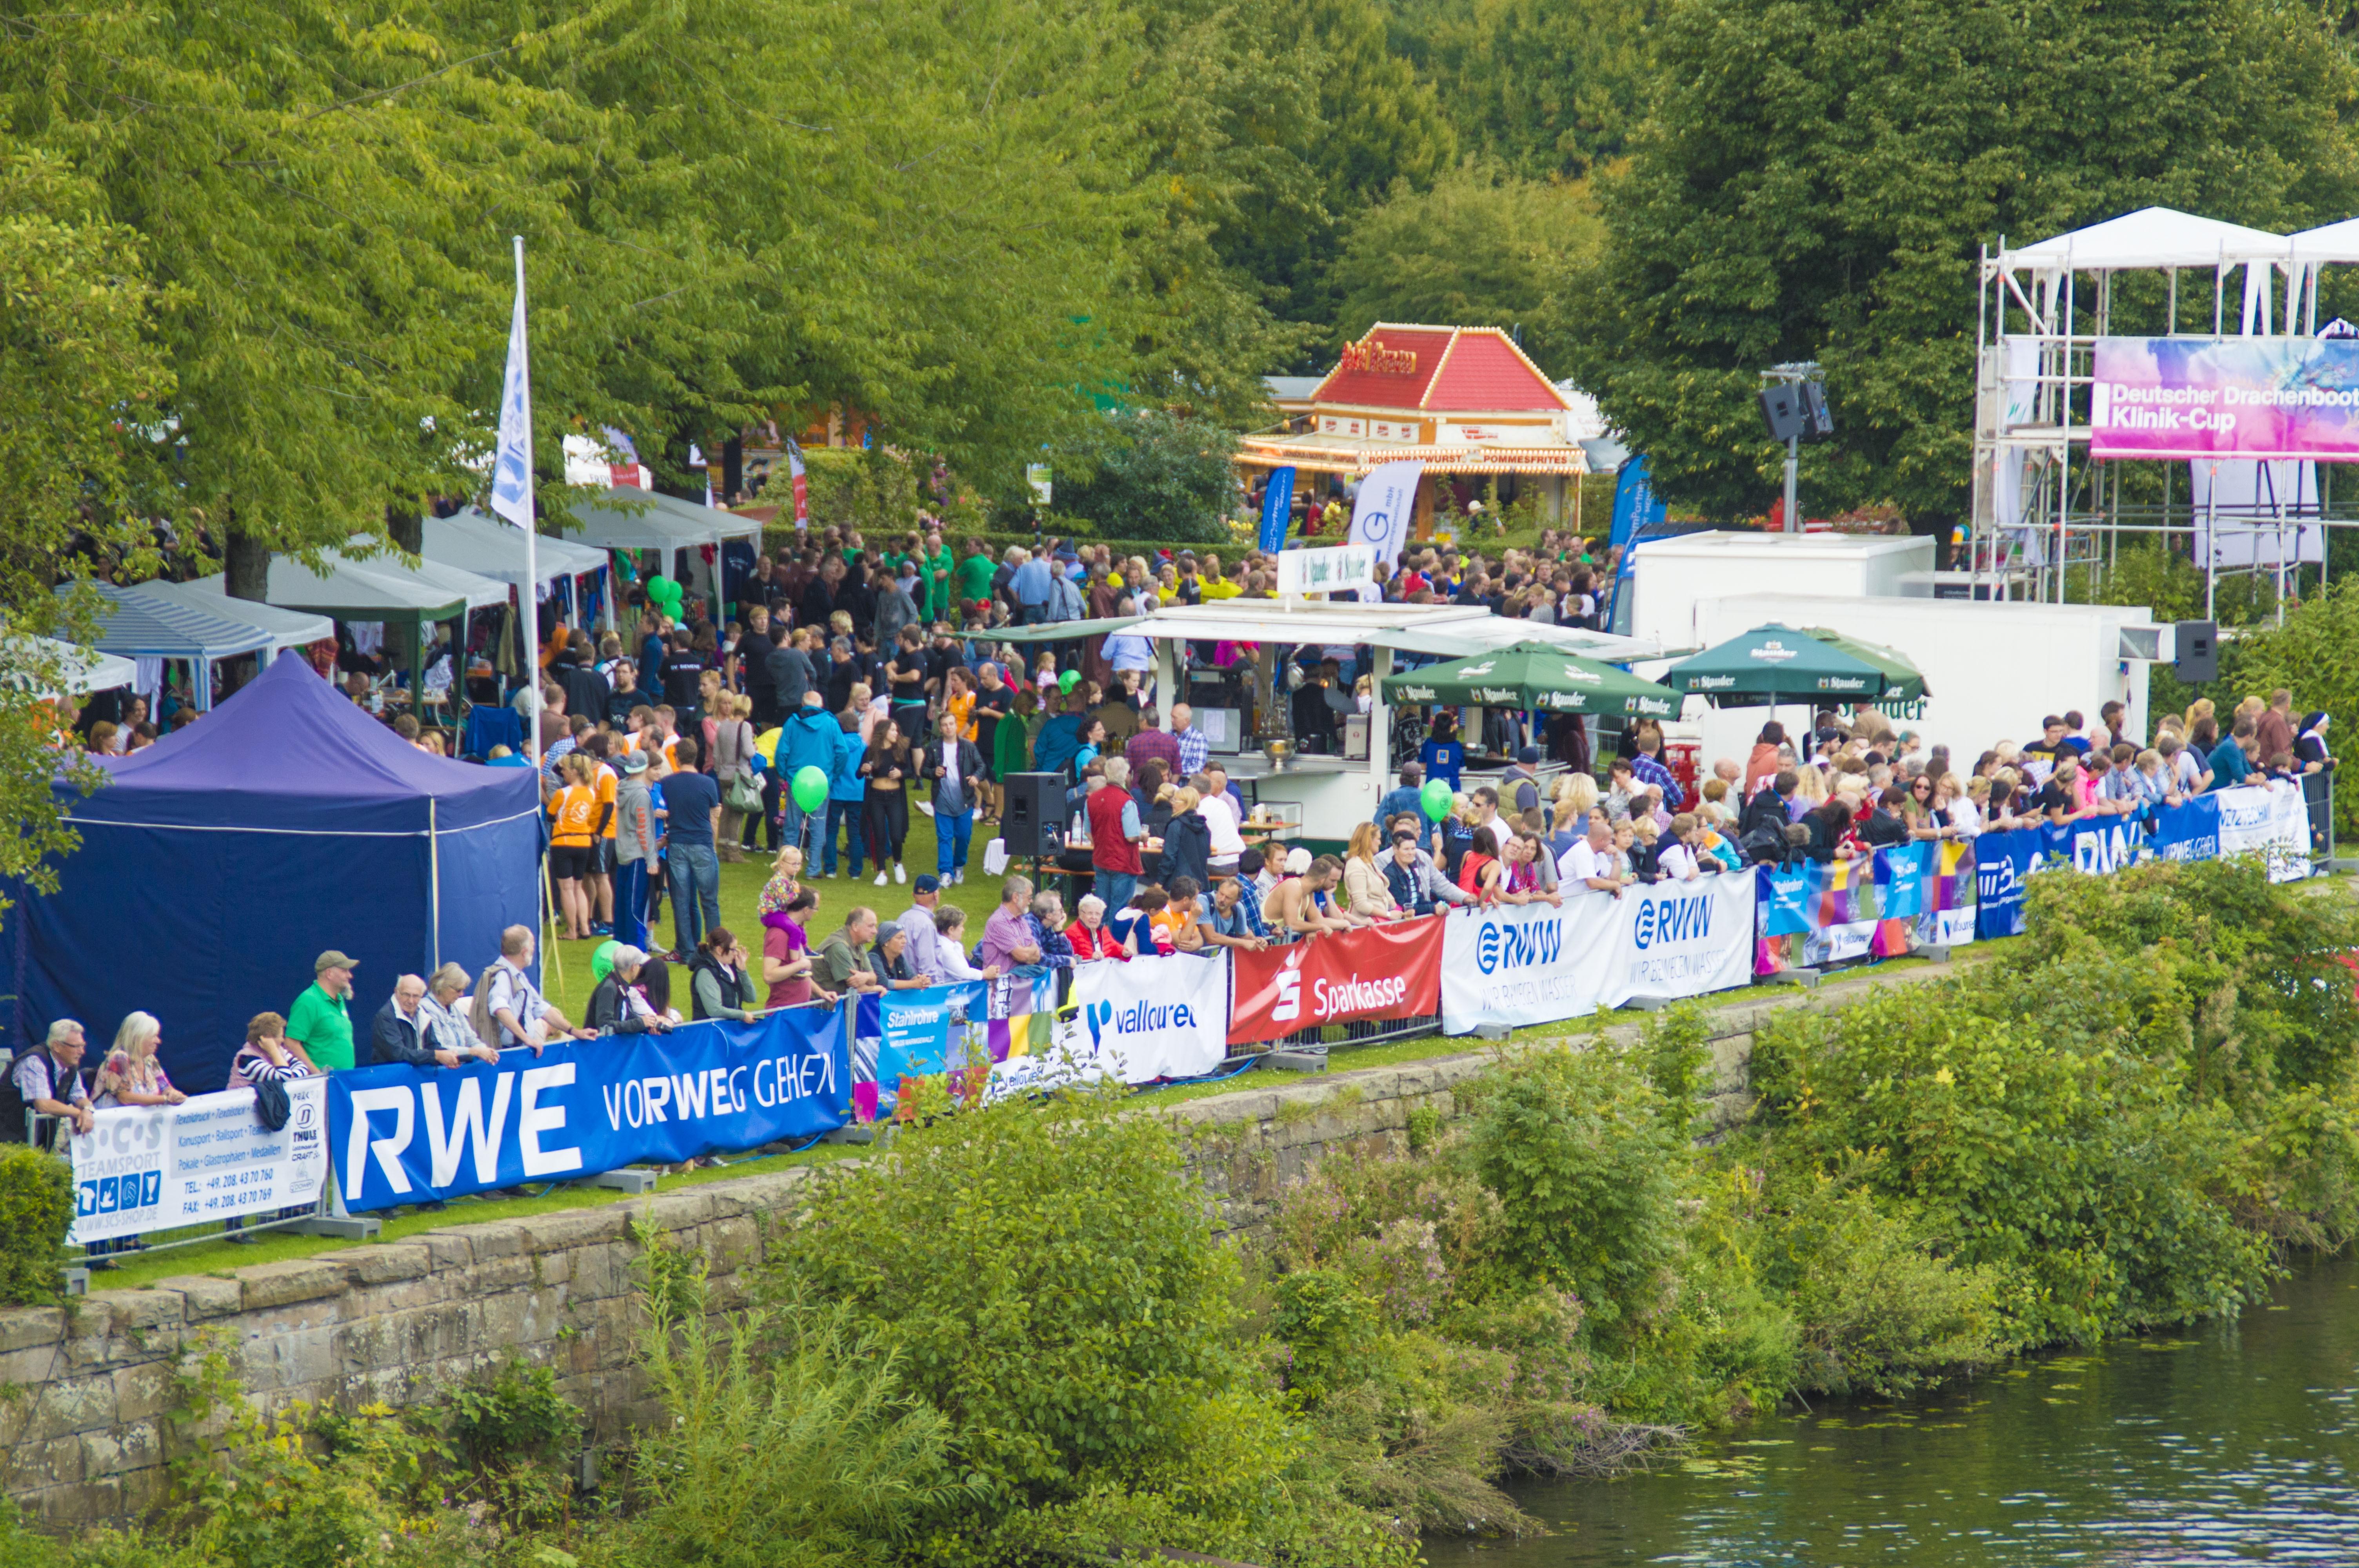 19. Mülheimer Drachenboot-Festival in Mülheim an der Ruhr 2015